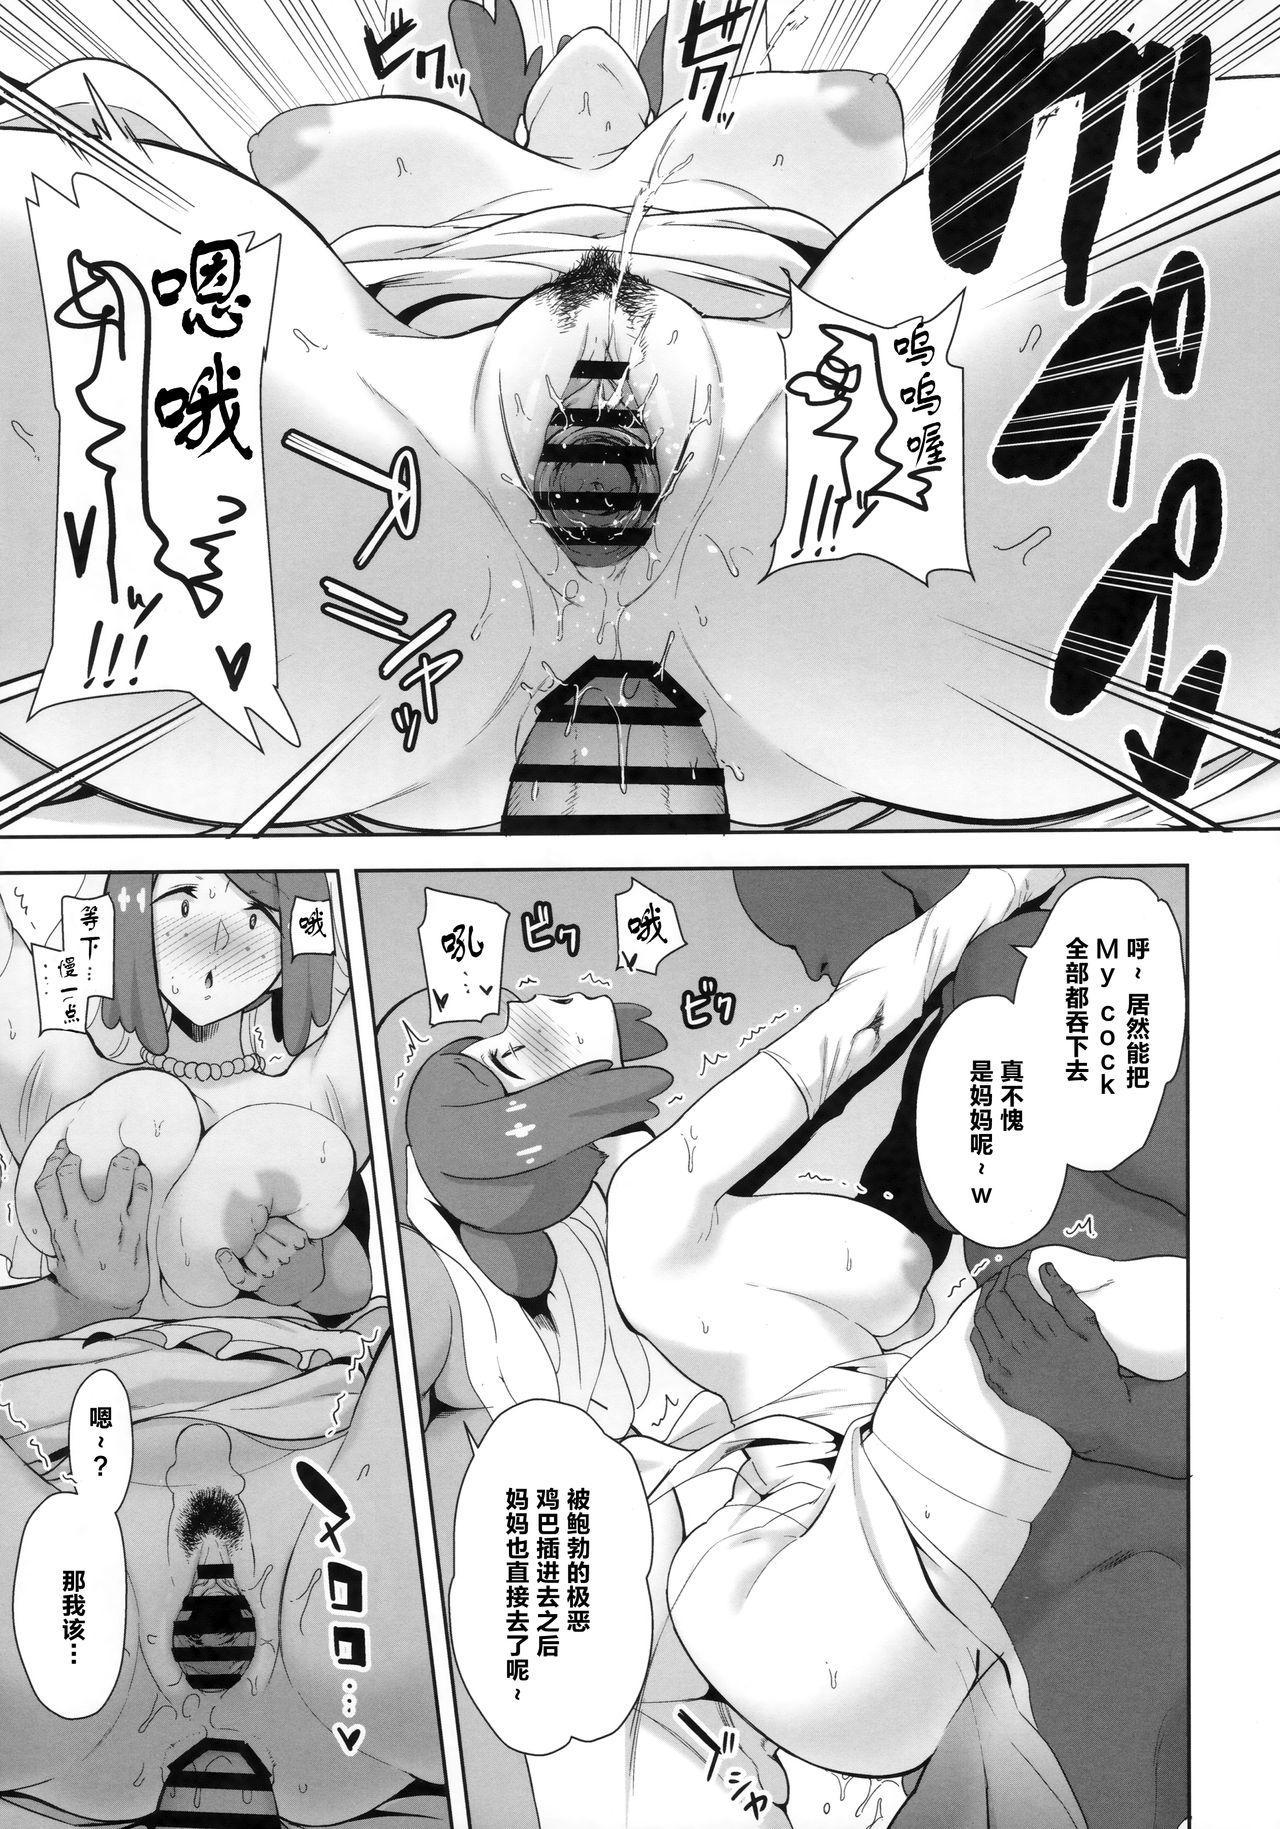 Alola no Yoru no Sugata 6 18